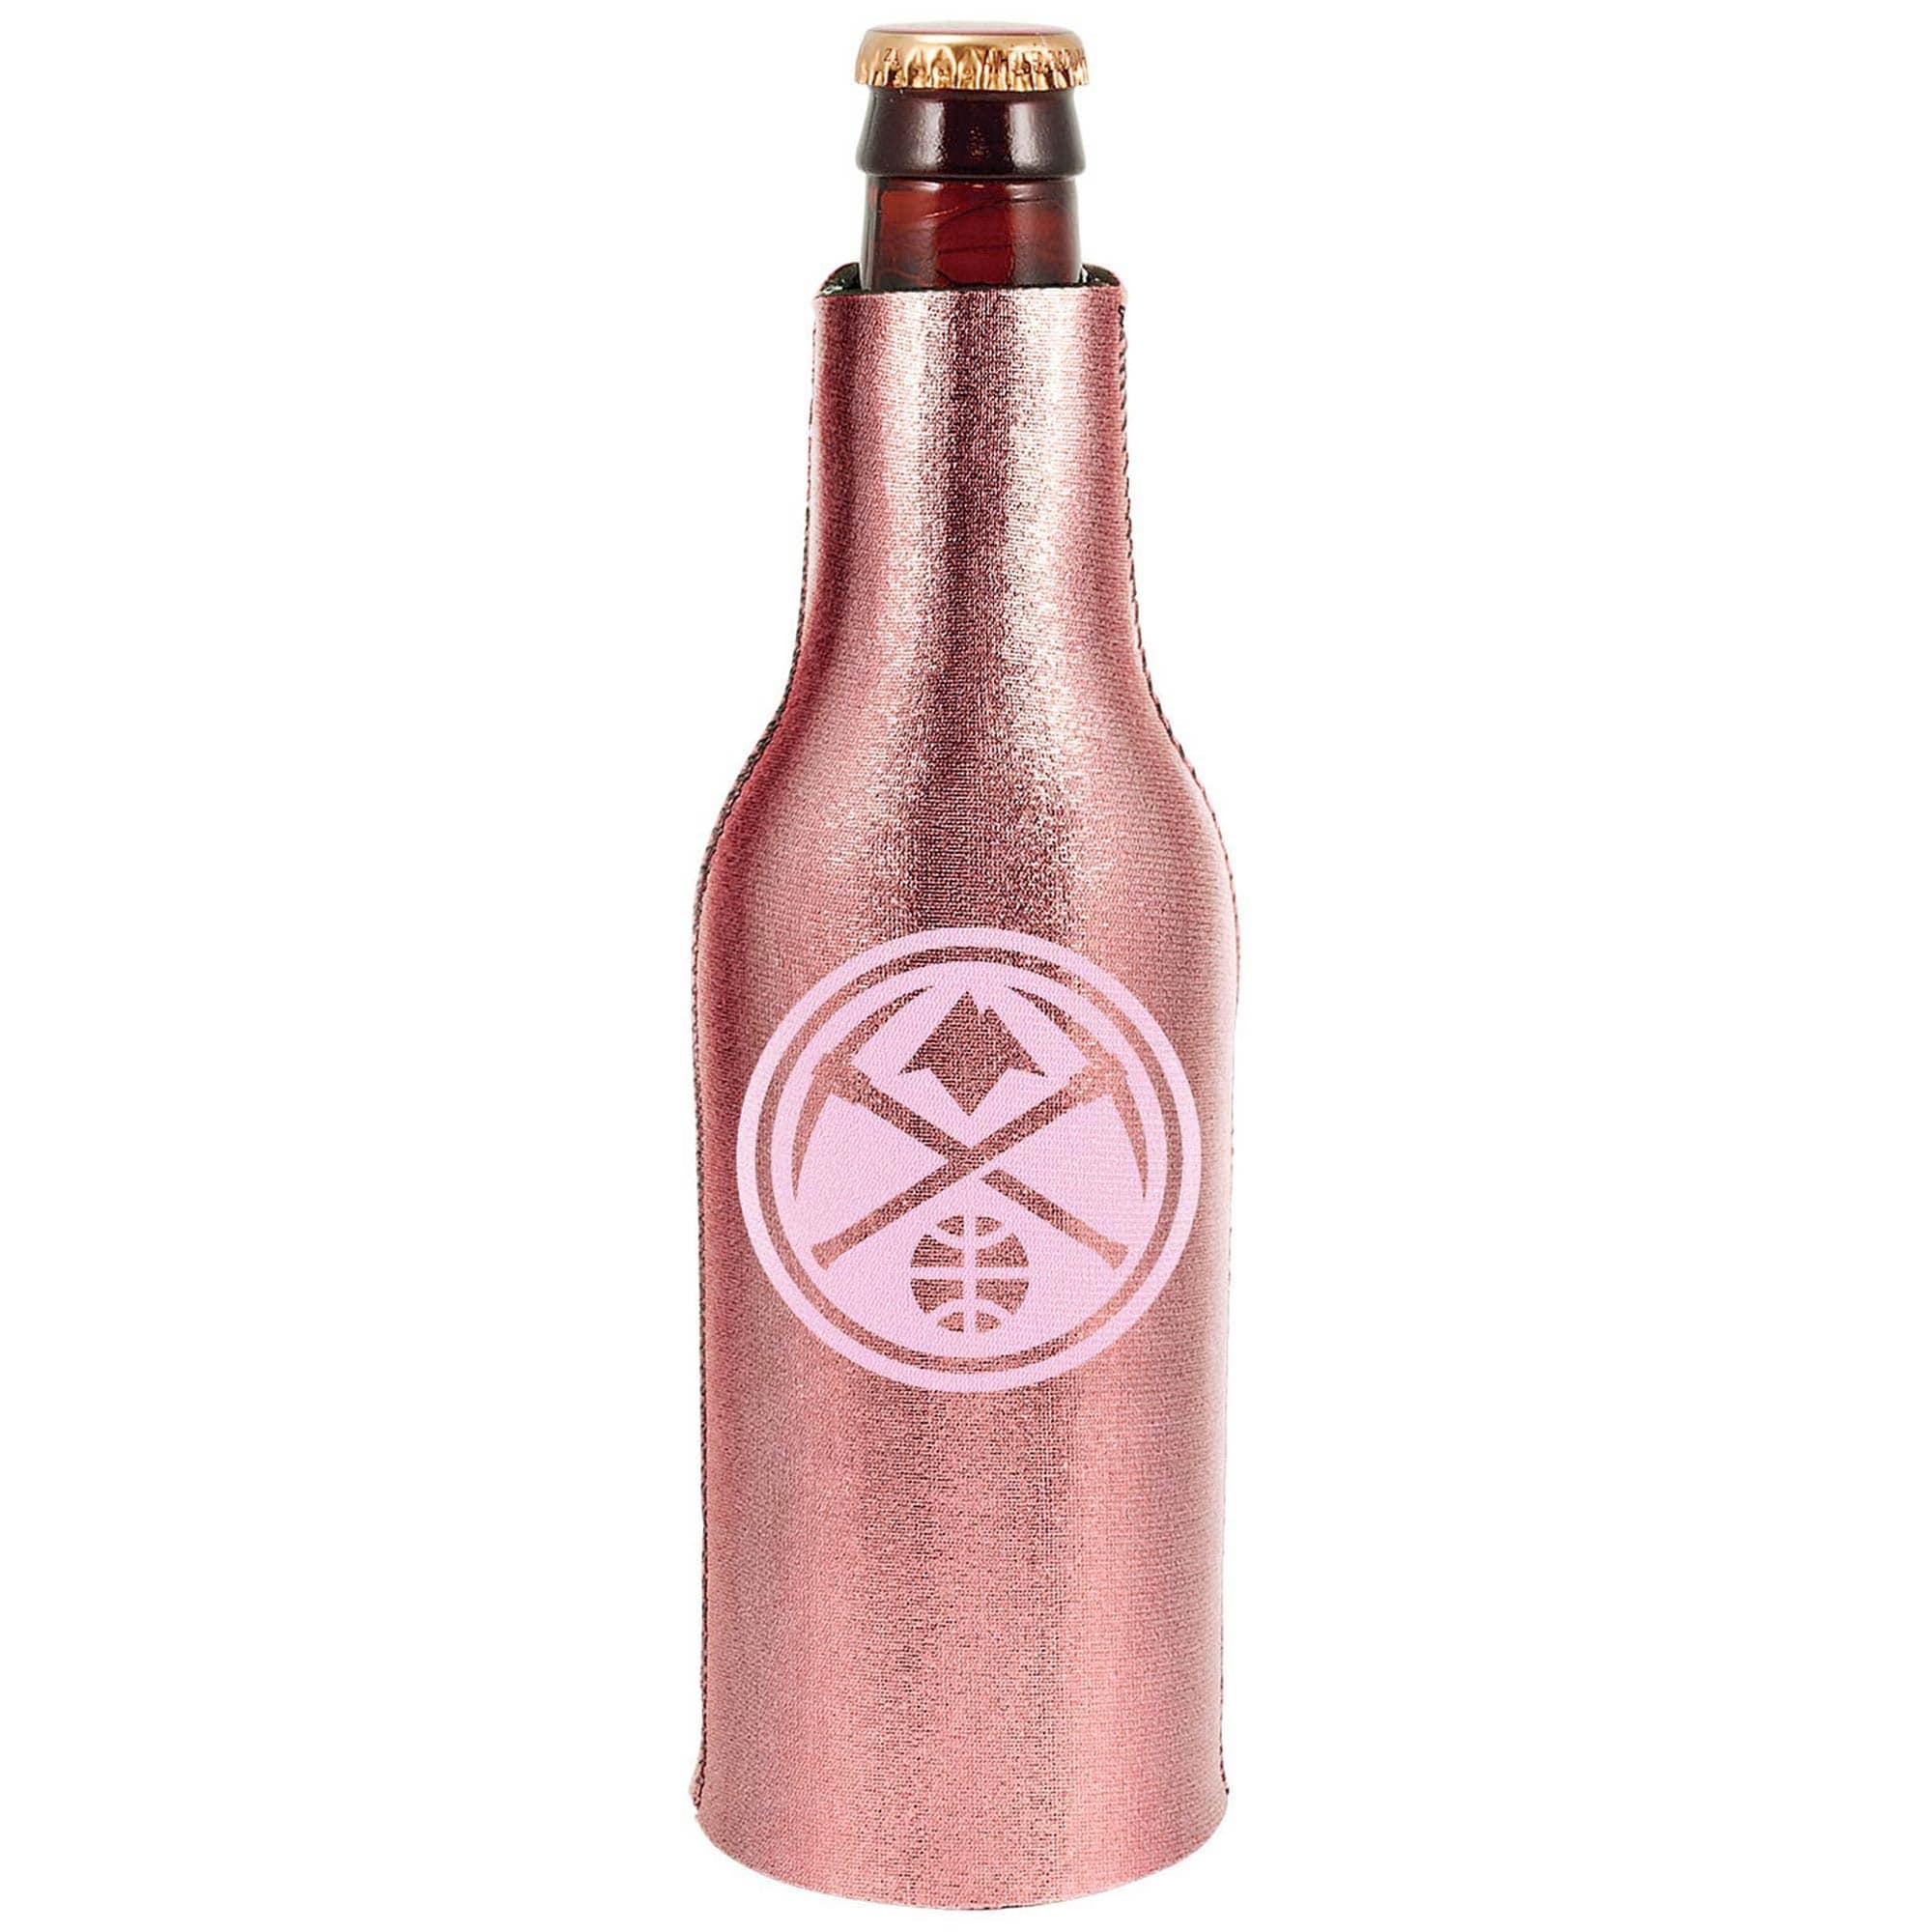 Denver Nuggets 12oz. Rose Gold Bottle Cooler